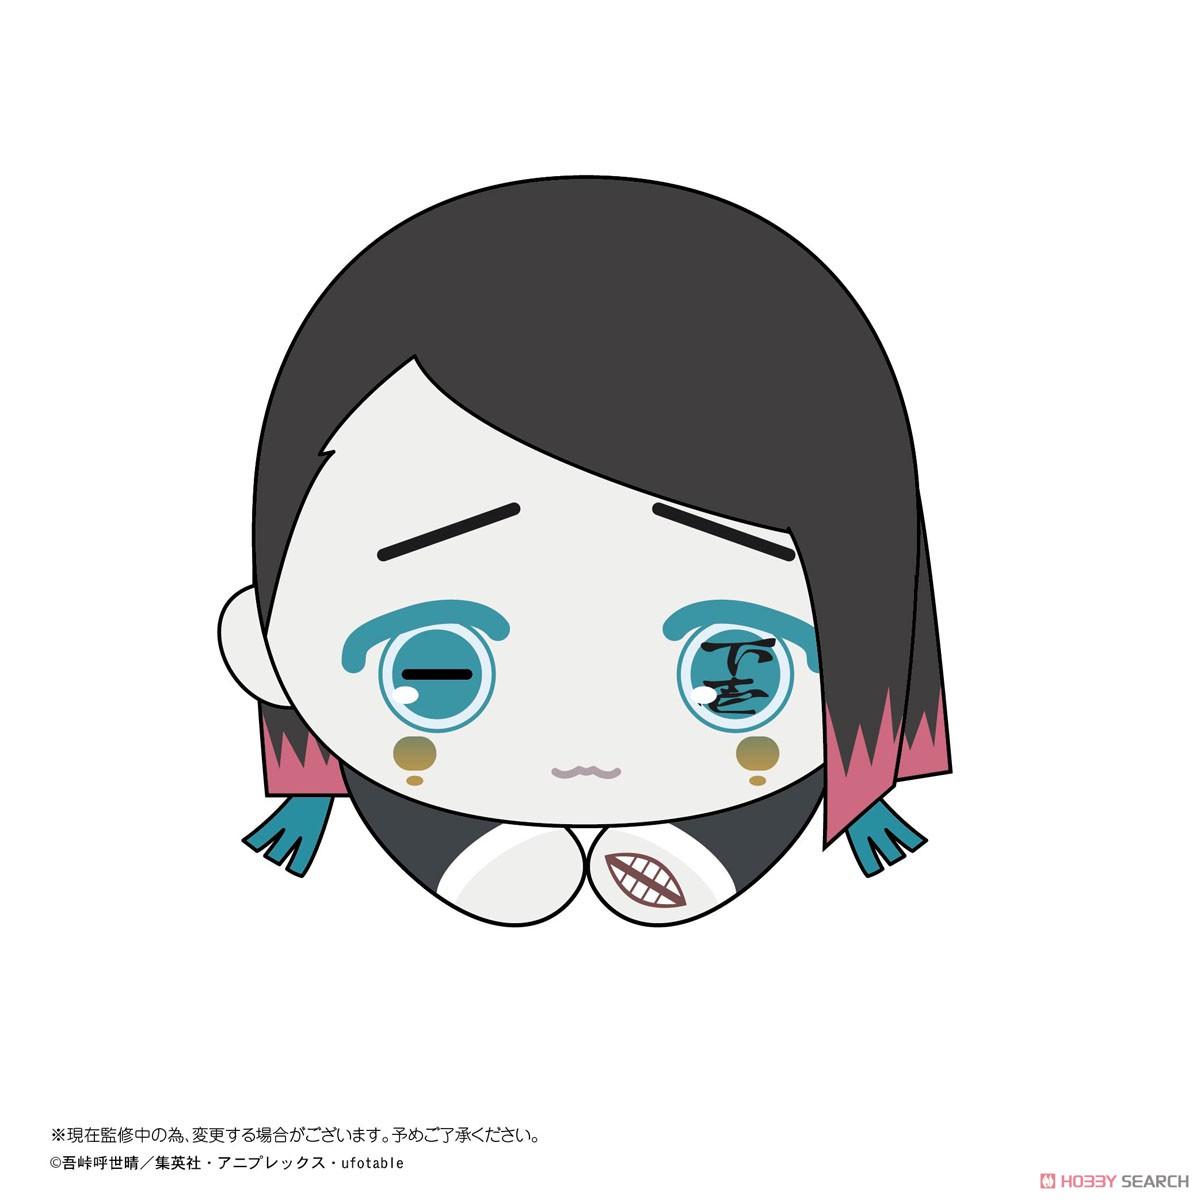 鬼滅の刃『はぐキャラコレクション3』8個入りBOX-006